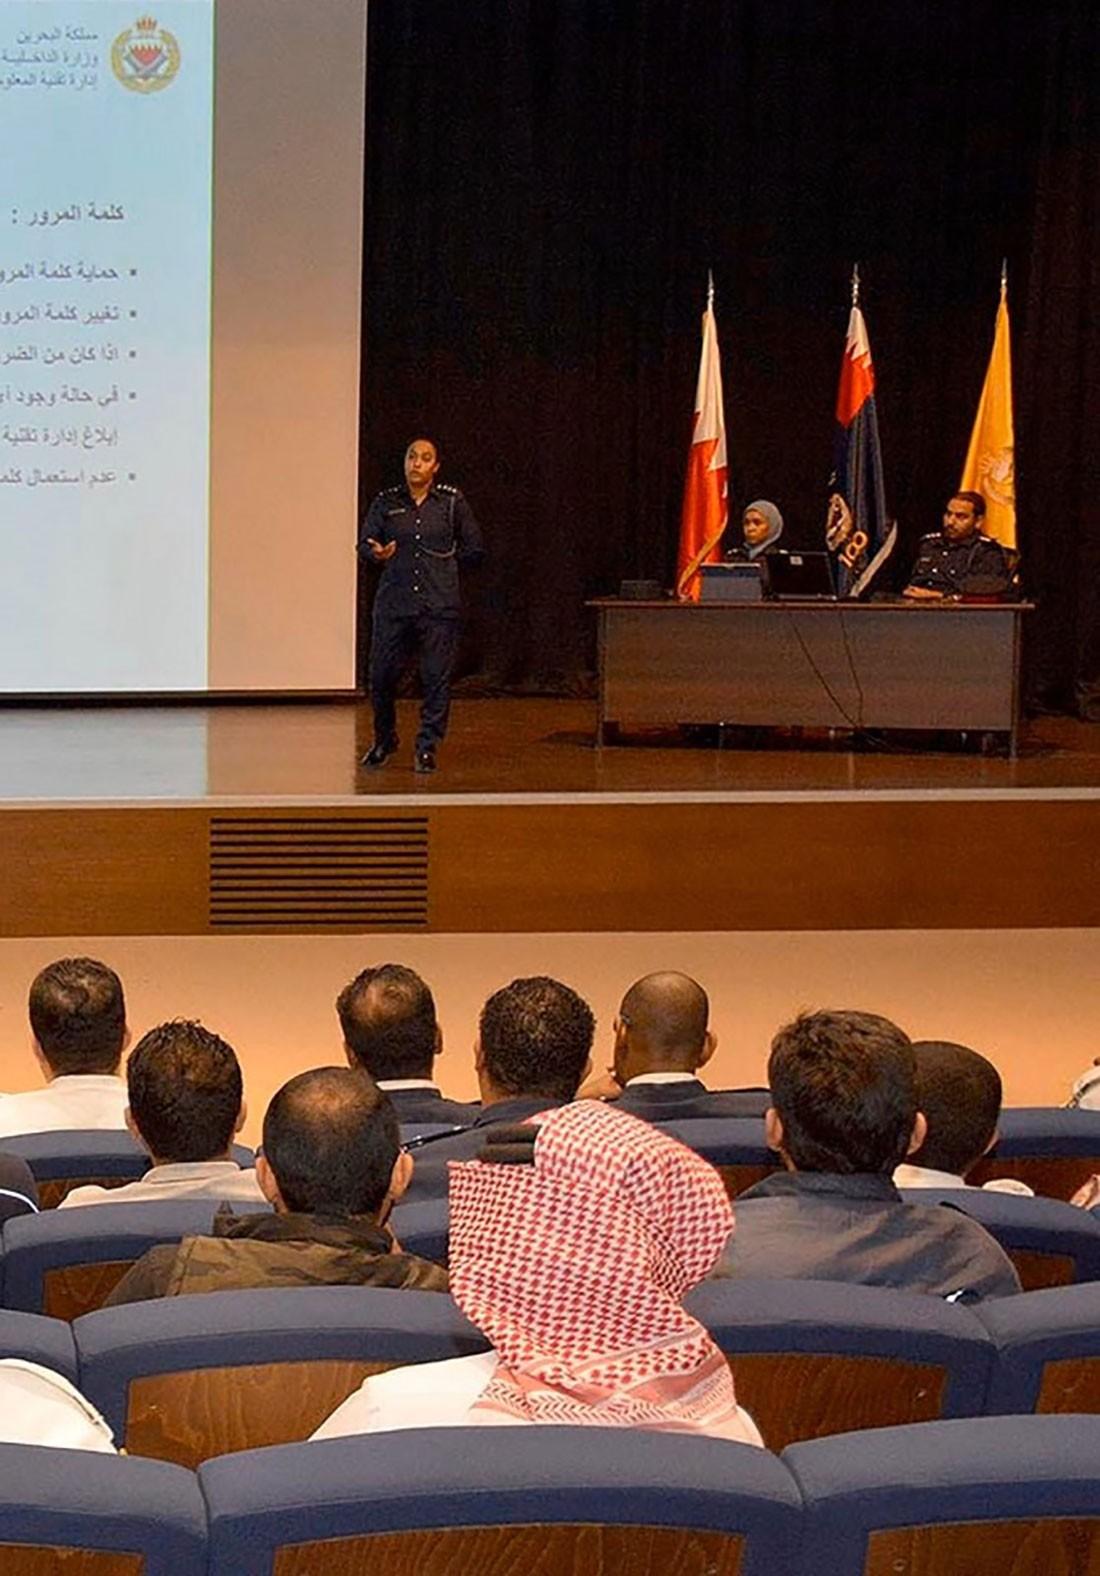 إدارة تقنية المعلومات في وزارة الداخلية تنظم محاضرة توعوية حول الأمن السيبراني